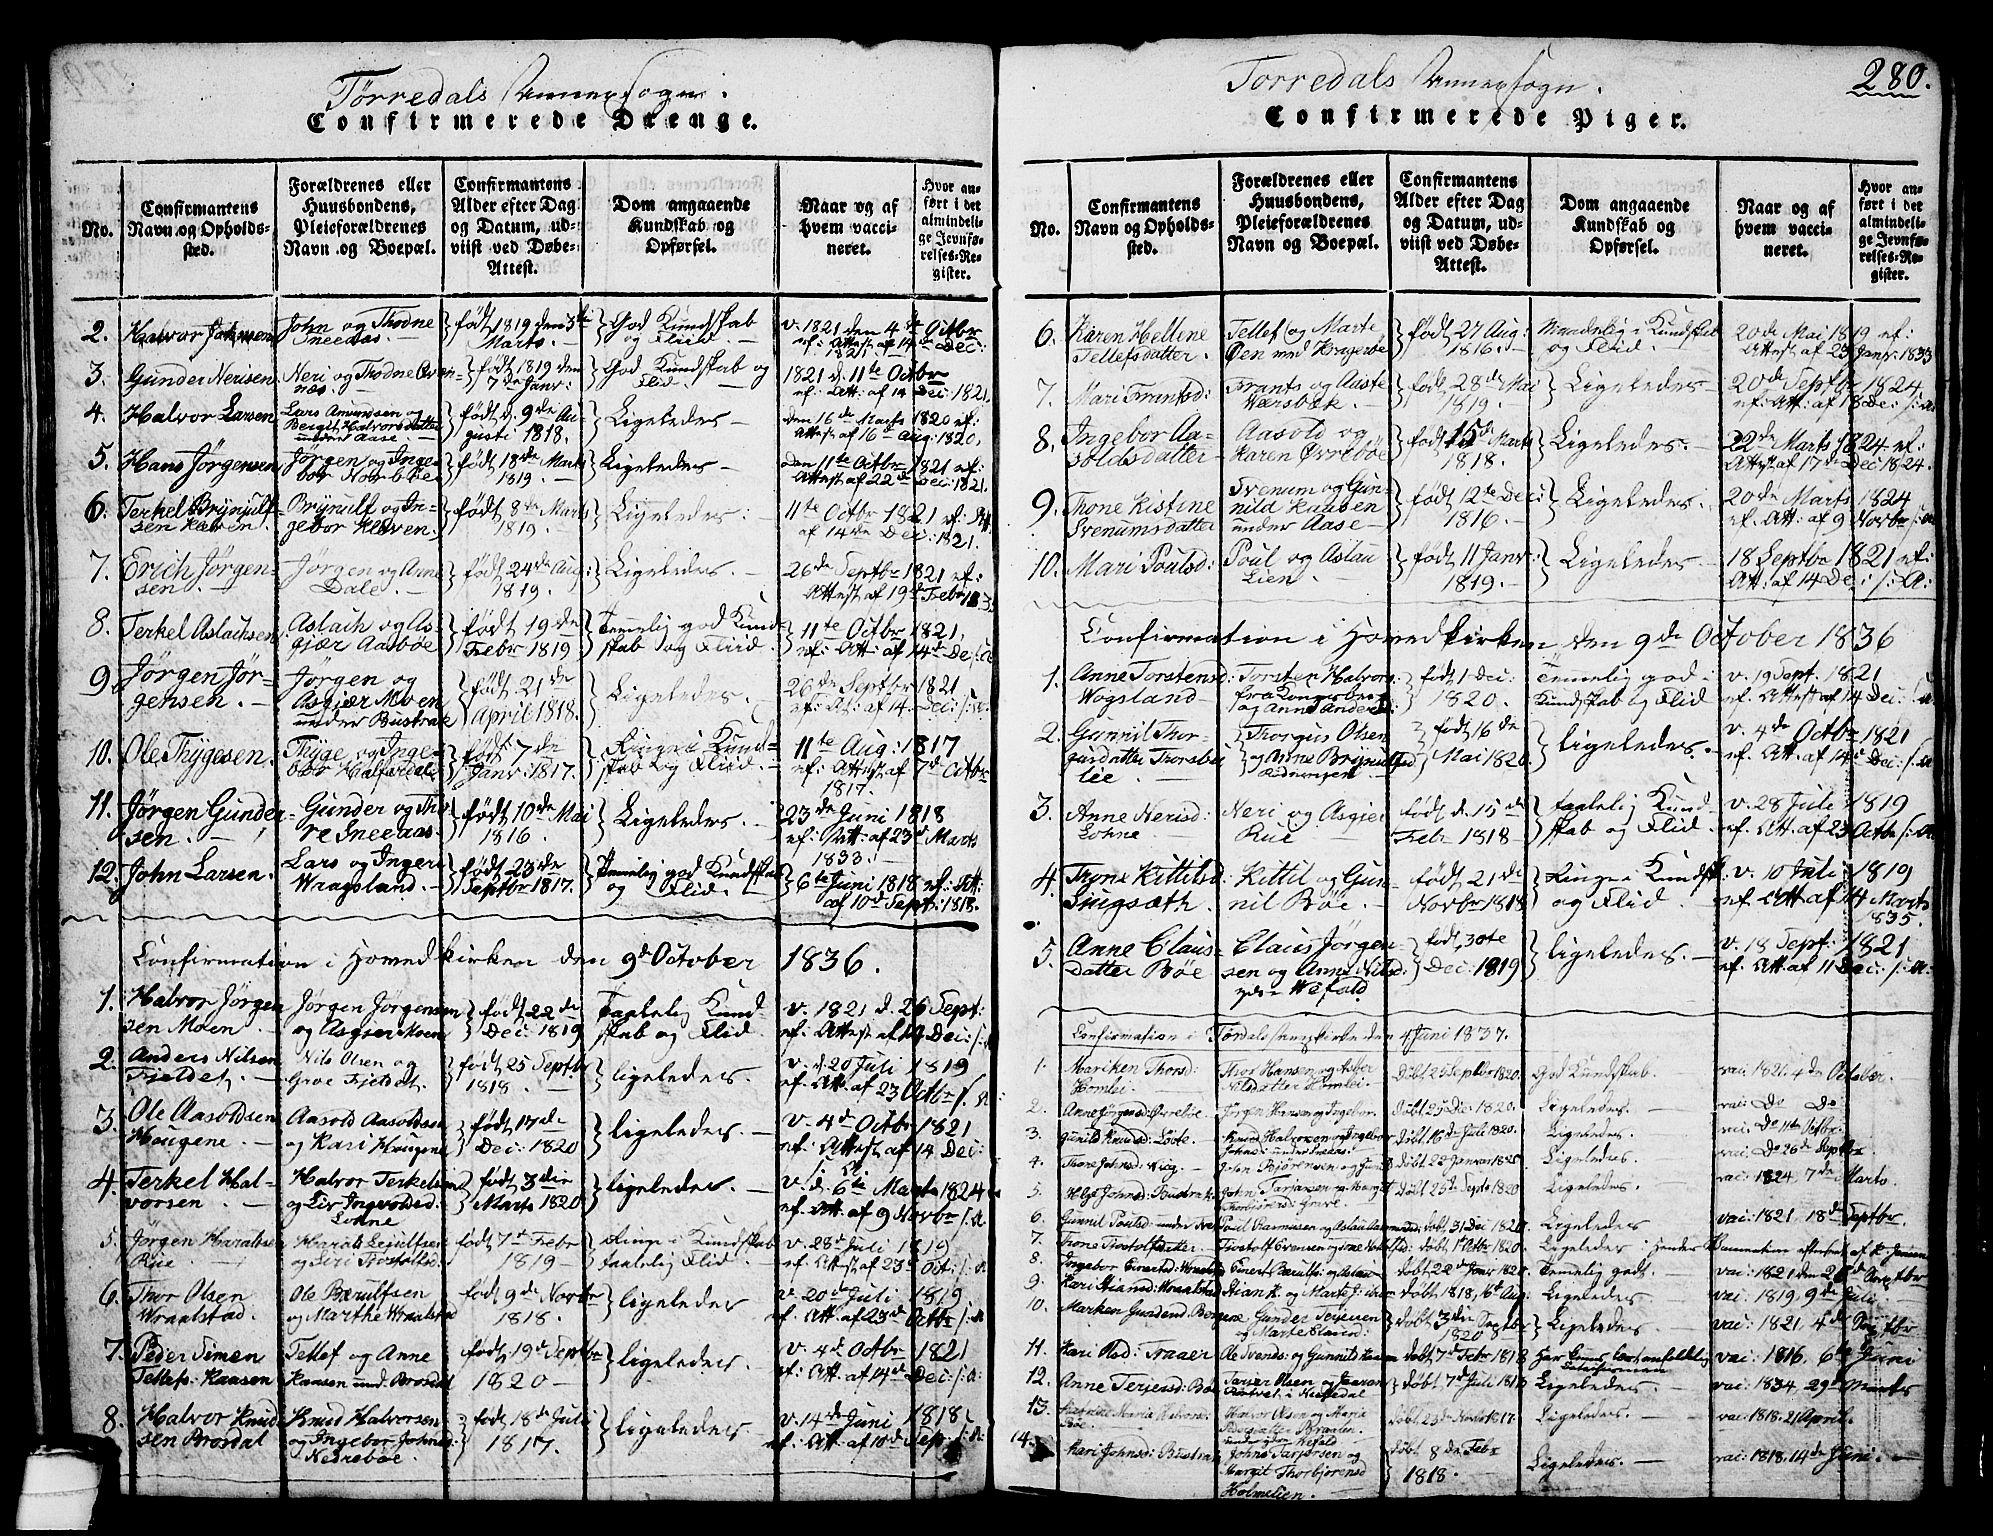 SAKO, Drangedal kirkebøker, G/Ga/L0001: Klokkerbok nr. I 1 /2, 1814-1856, s. 280